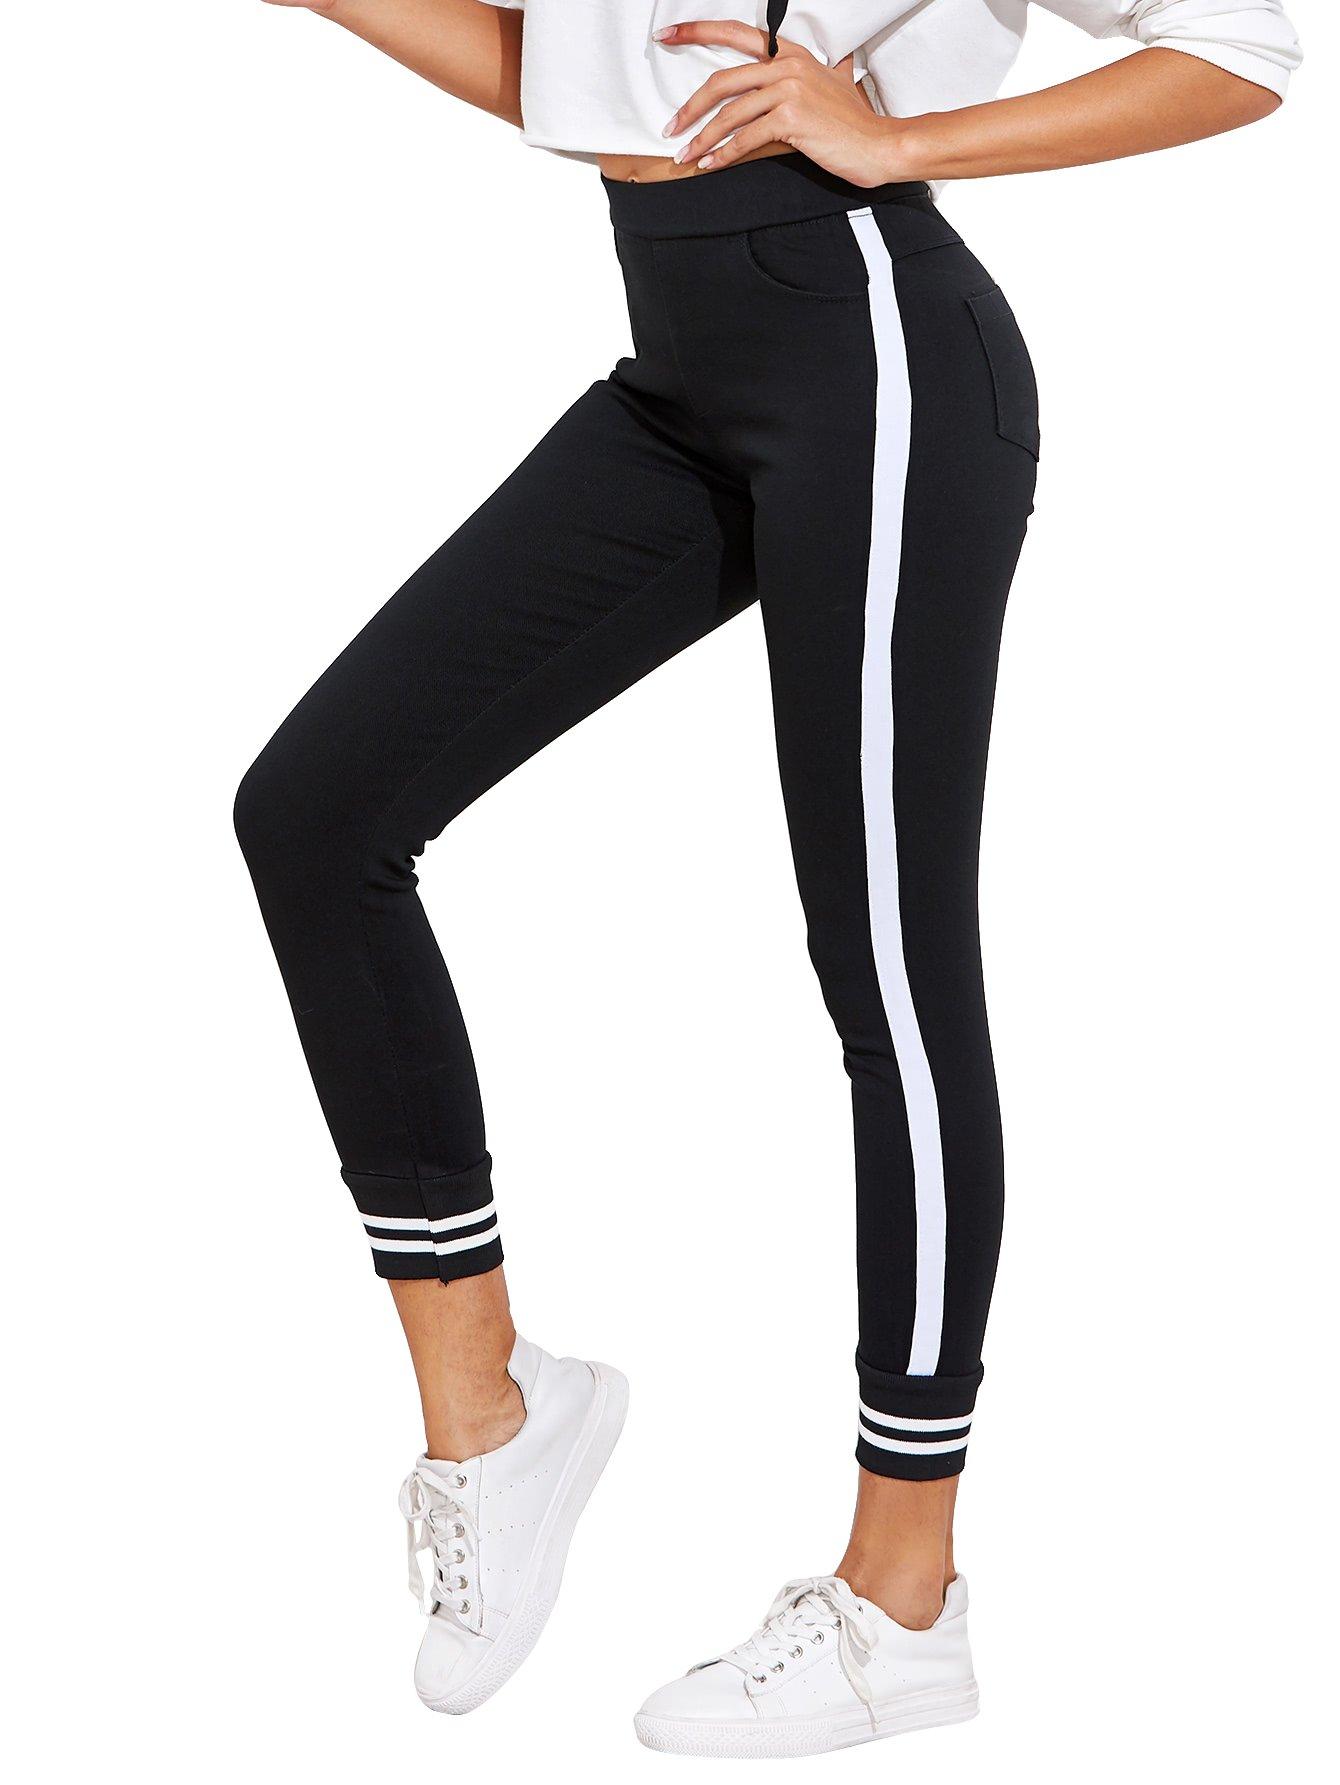 Romwe Women's Mid Waist Striped Contrast Sport Leggings Pants Black S